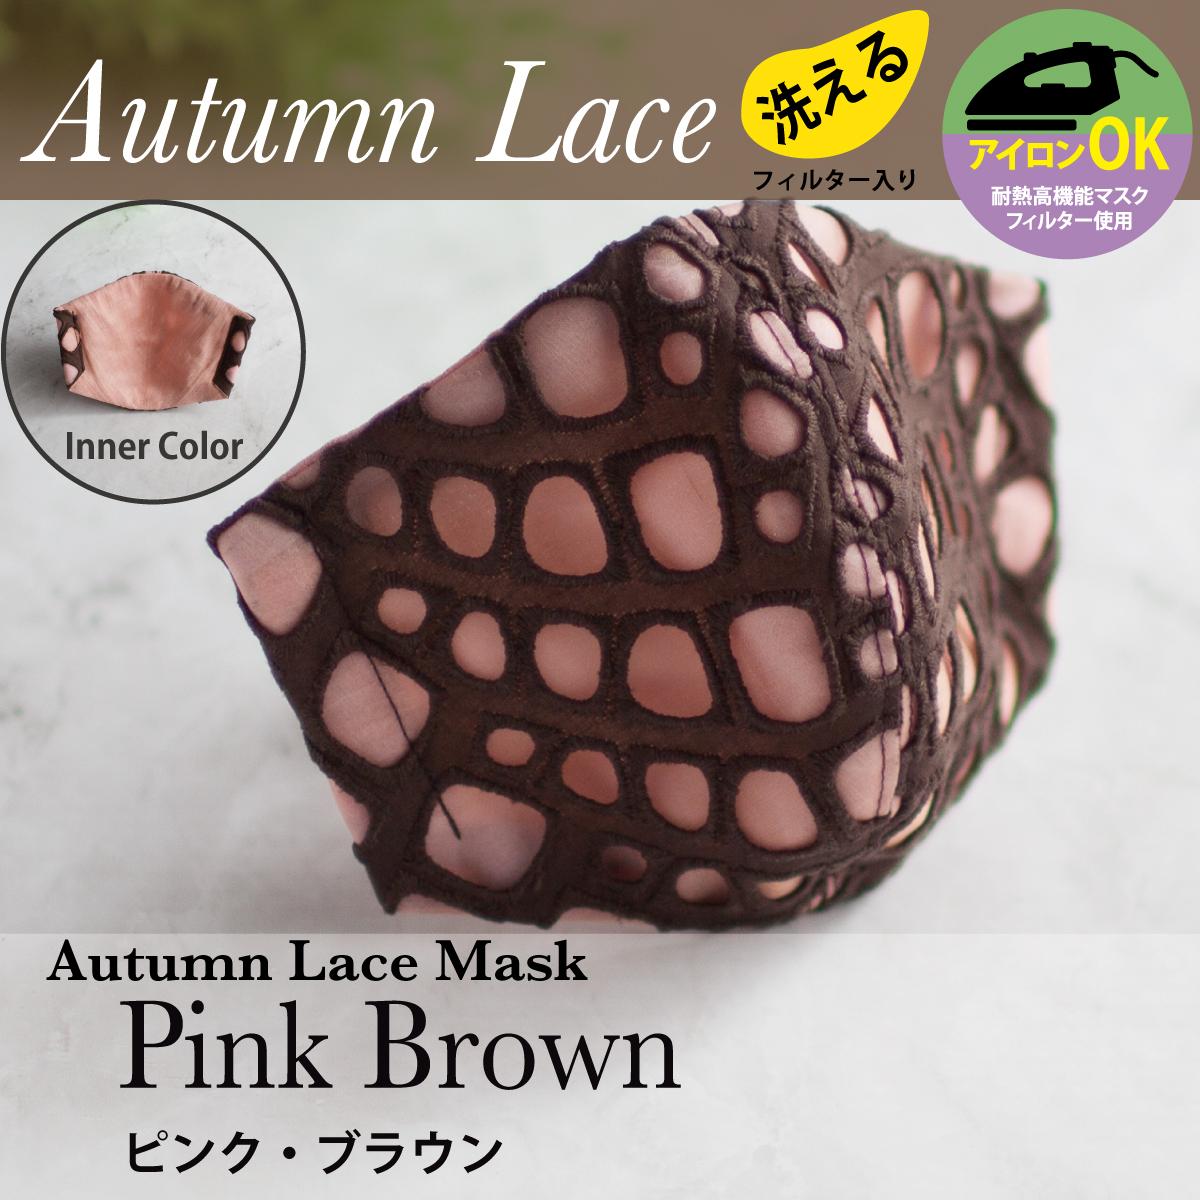 レース・ピンク・ブラウン洗えるフィルター入り 立体 マスク 大人用 黄砂 花粉